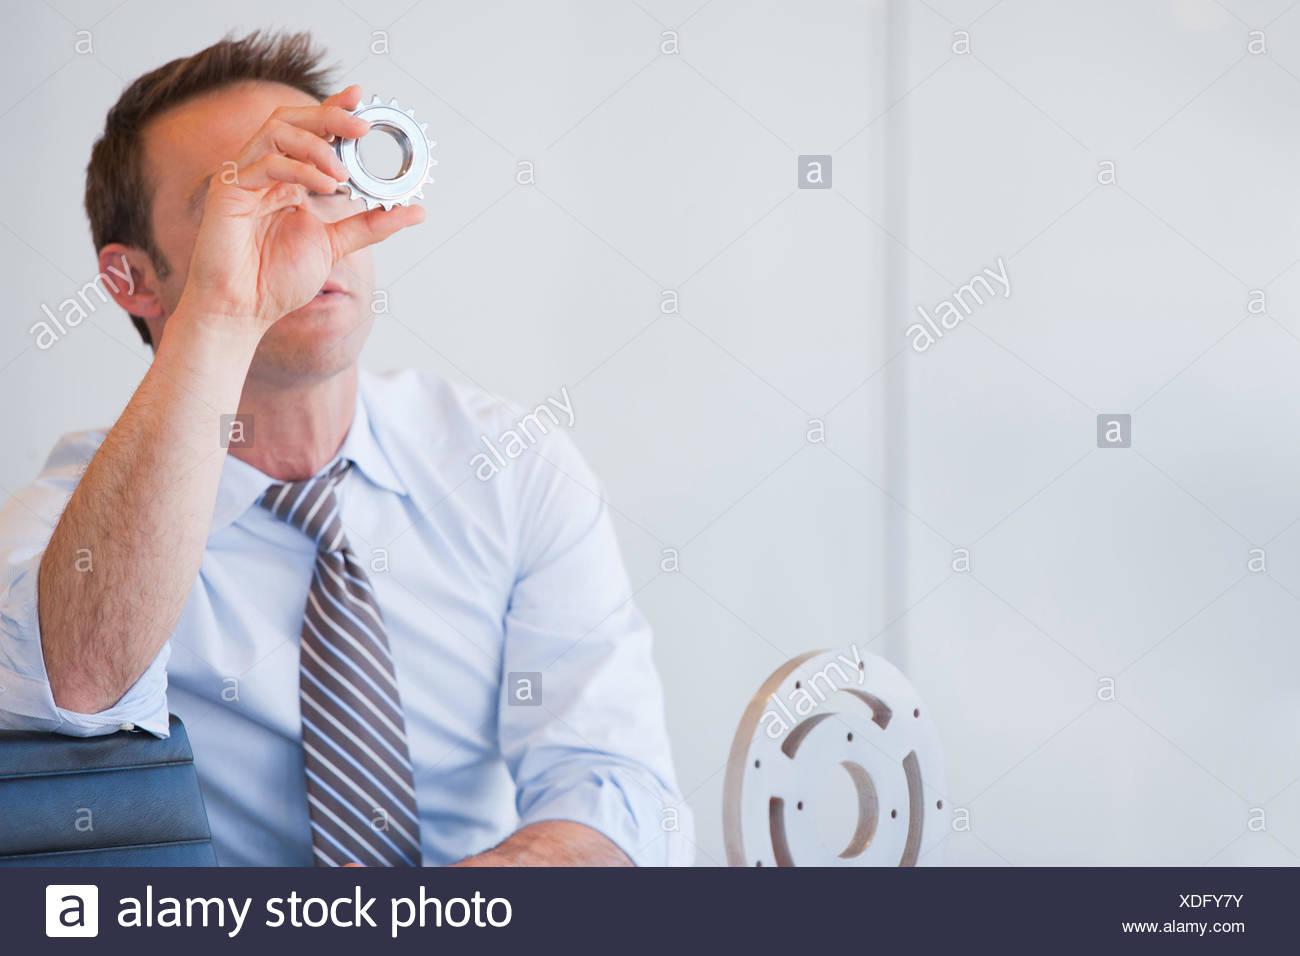 Businessman sitting at desk holding cog - Stock Image